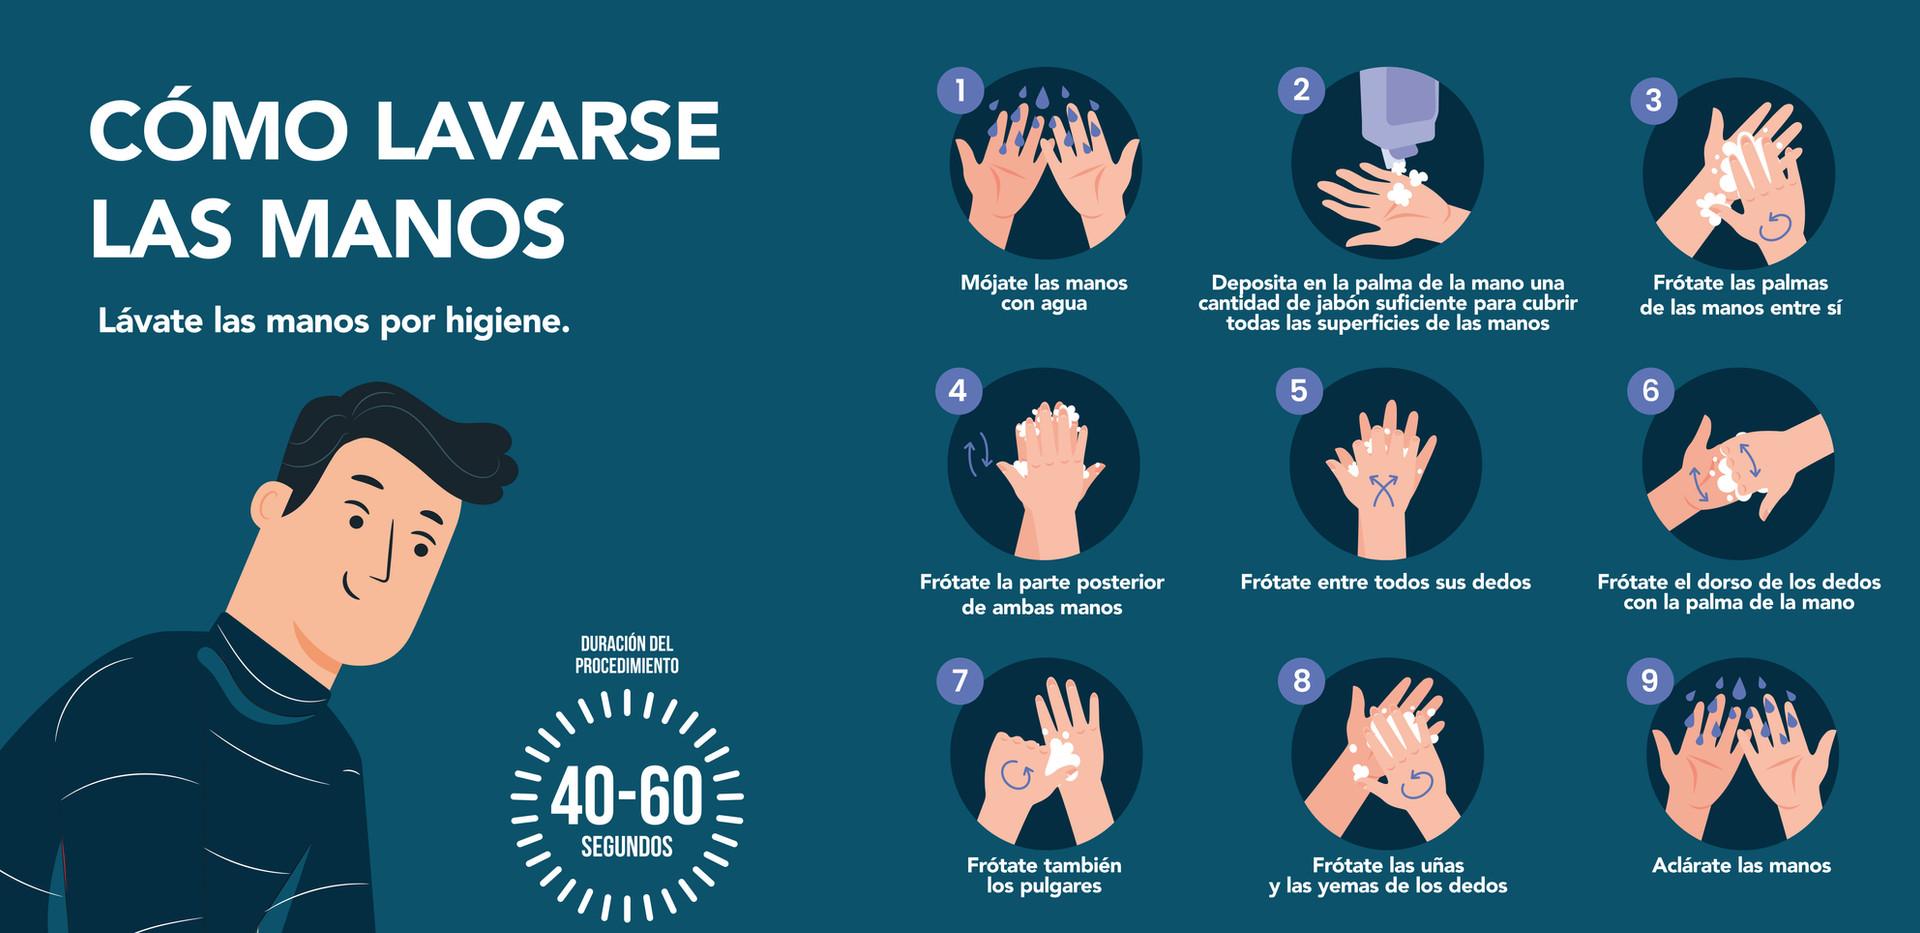 Como lavar as mãos!